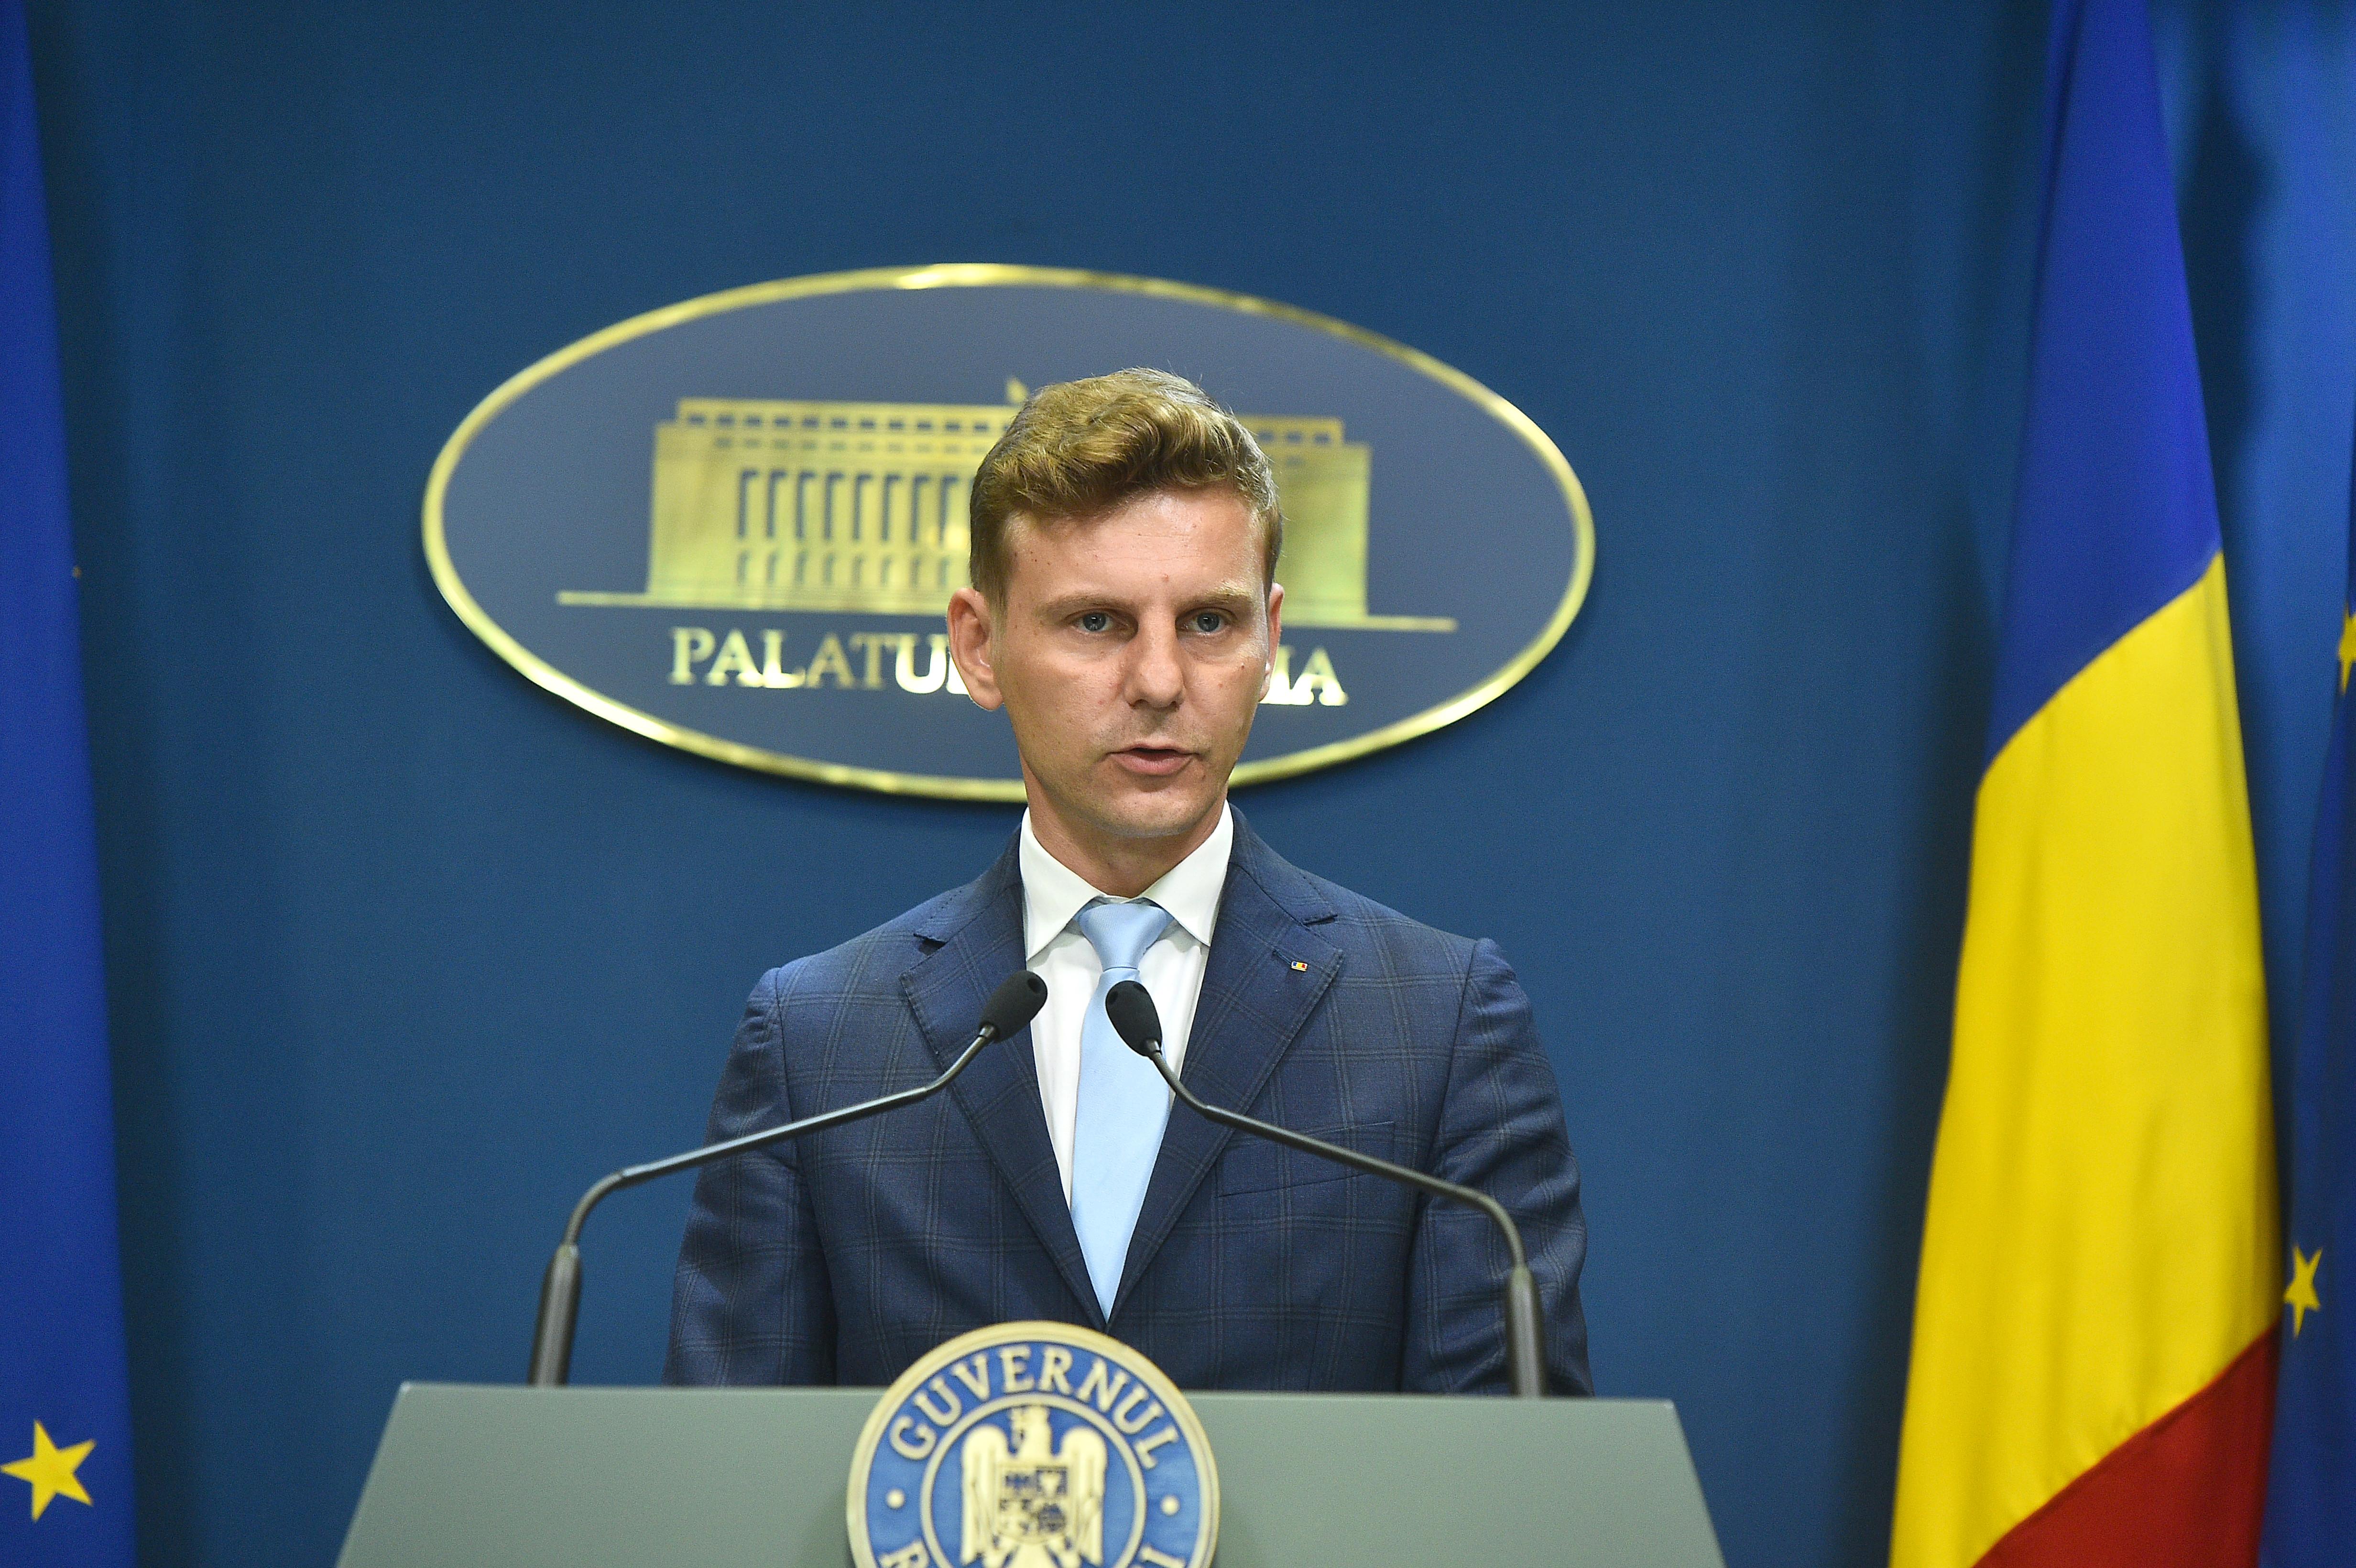 Guvernul Orban abrogă hotărârea Guvernului Dăncilă prin care Nelu Barbu este numit consul